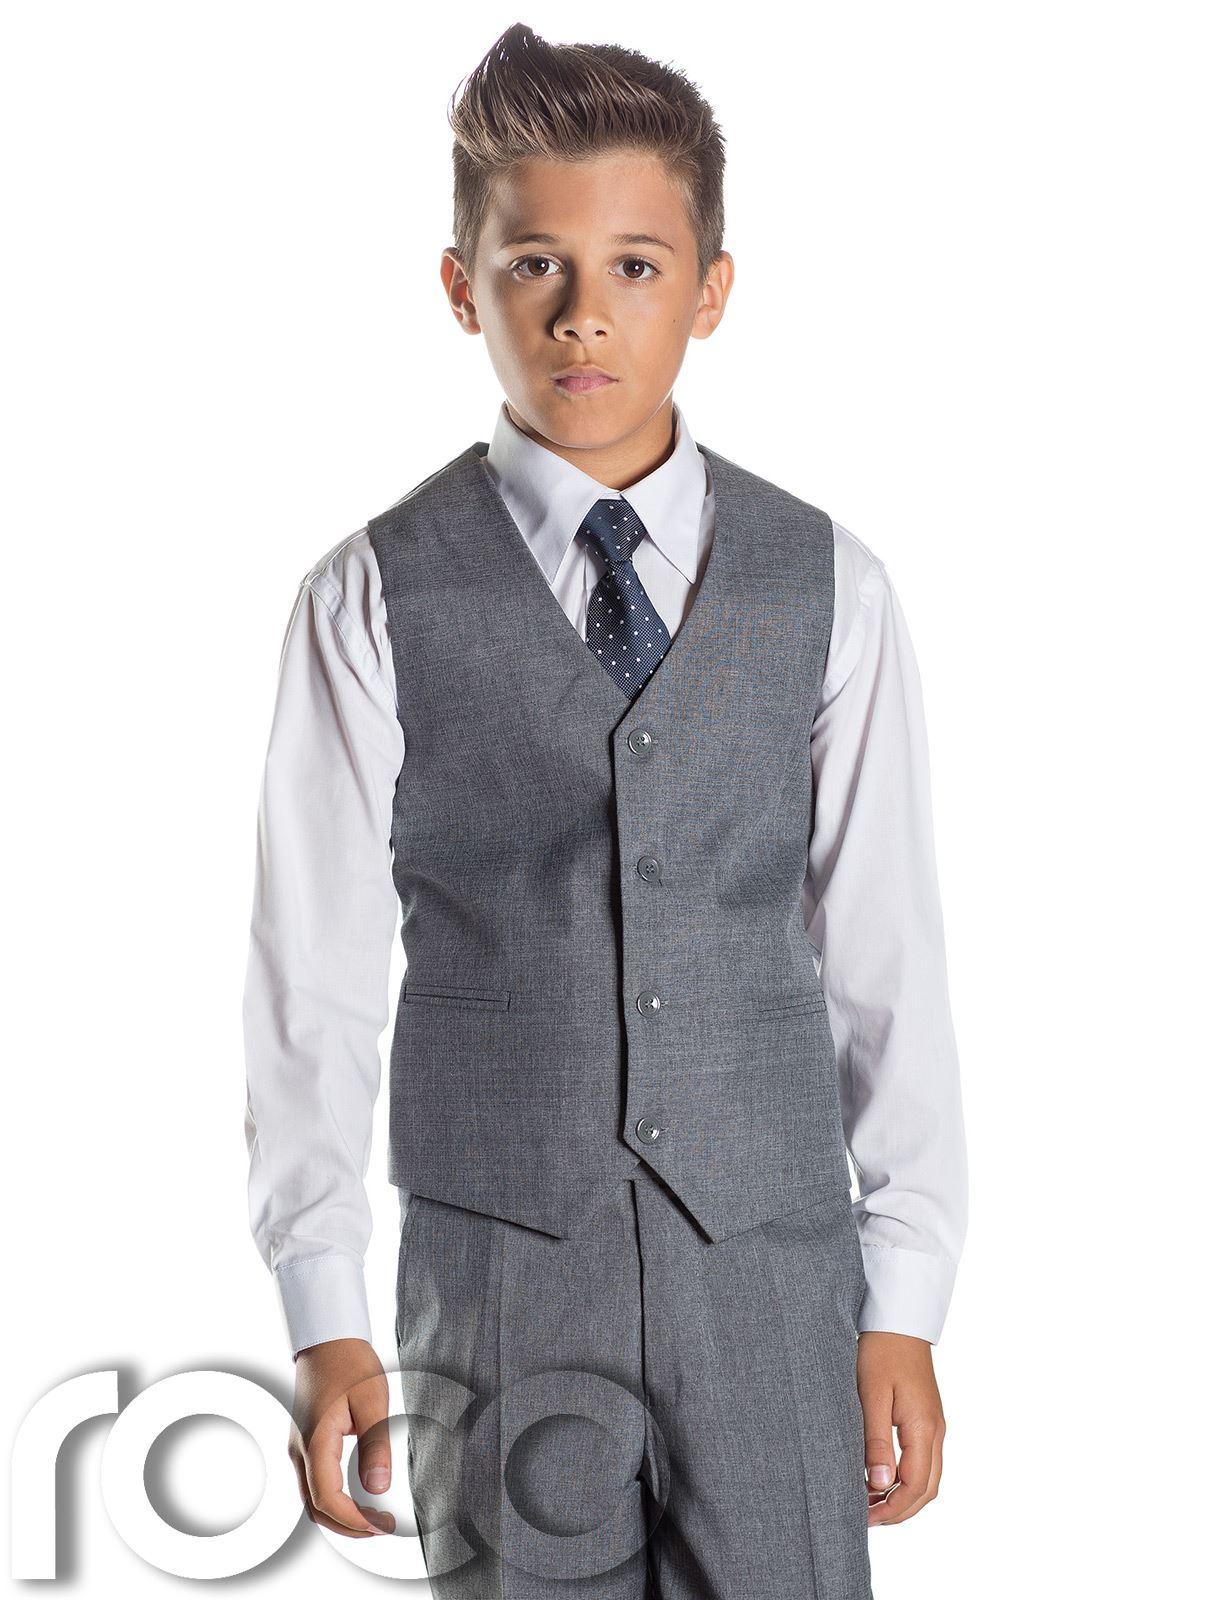 boys suit boys-slim-fit-suit-navy-suit-grey-suit- pytxblm